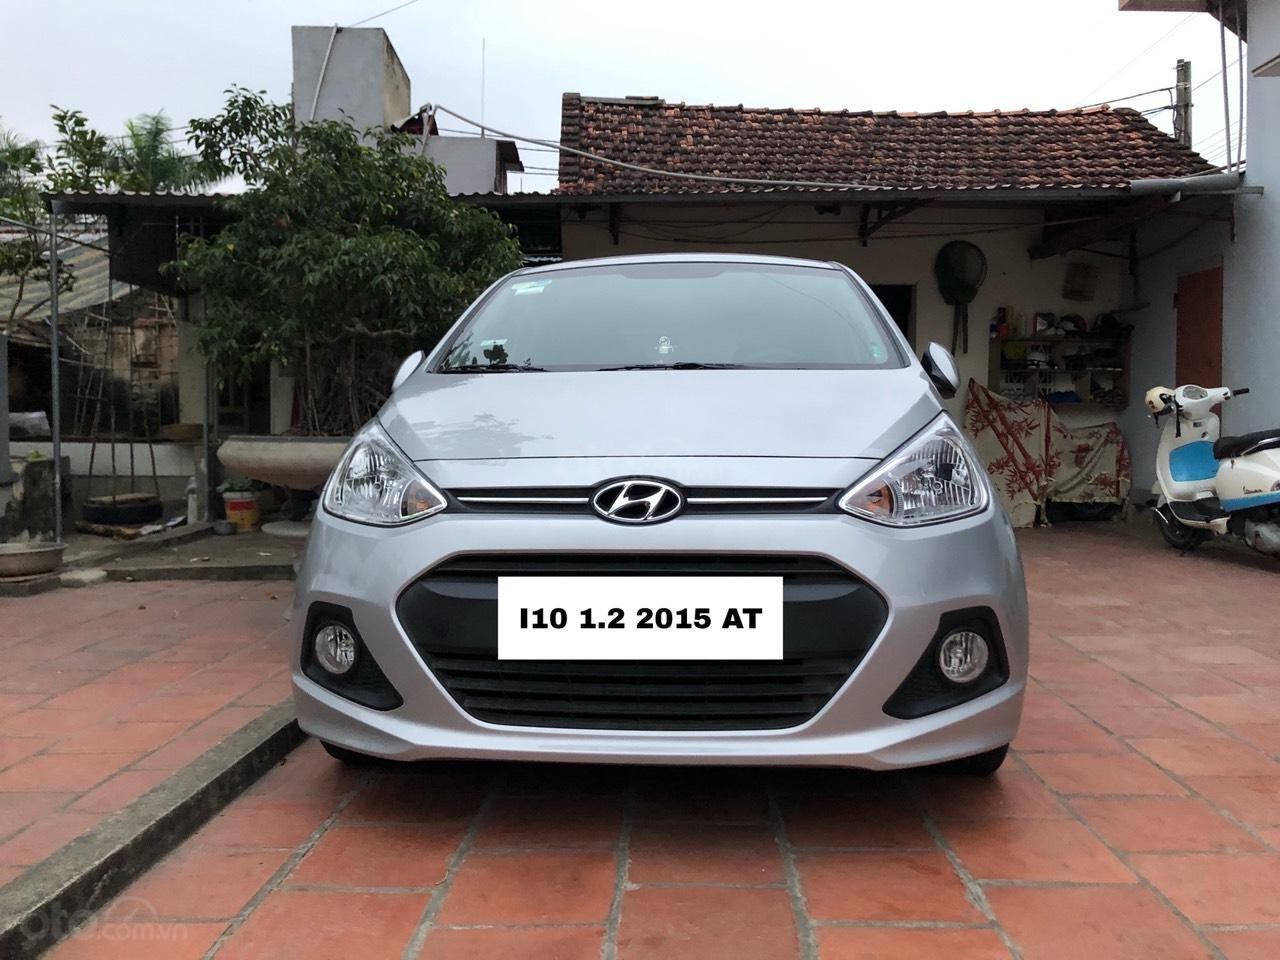 Bán Grand i10 máy 1.2 nhập khẩu 2015 (1)